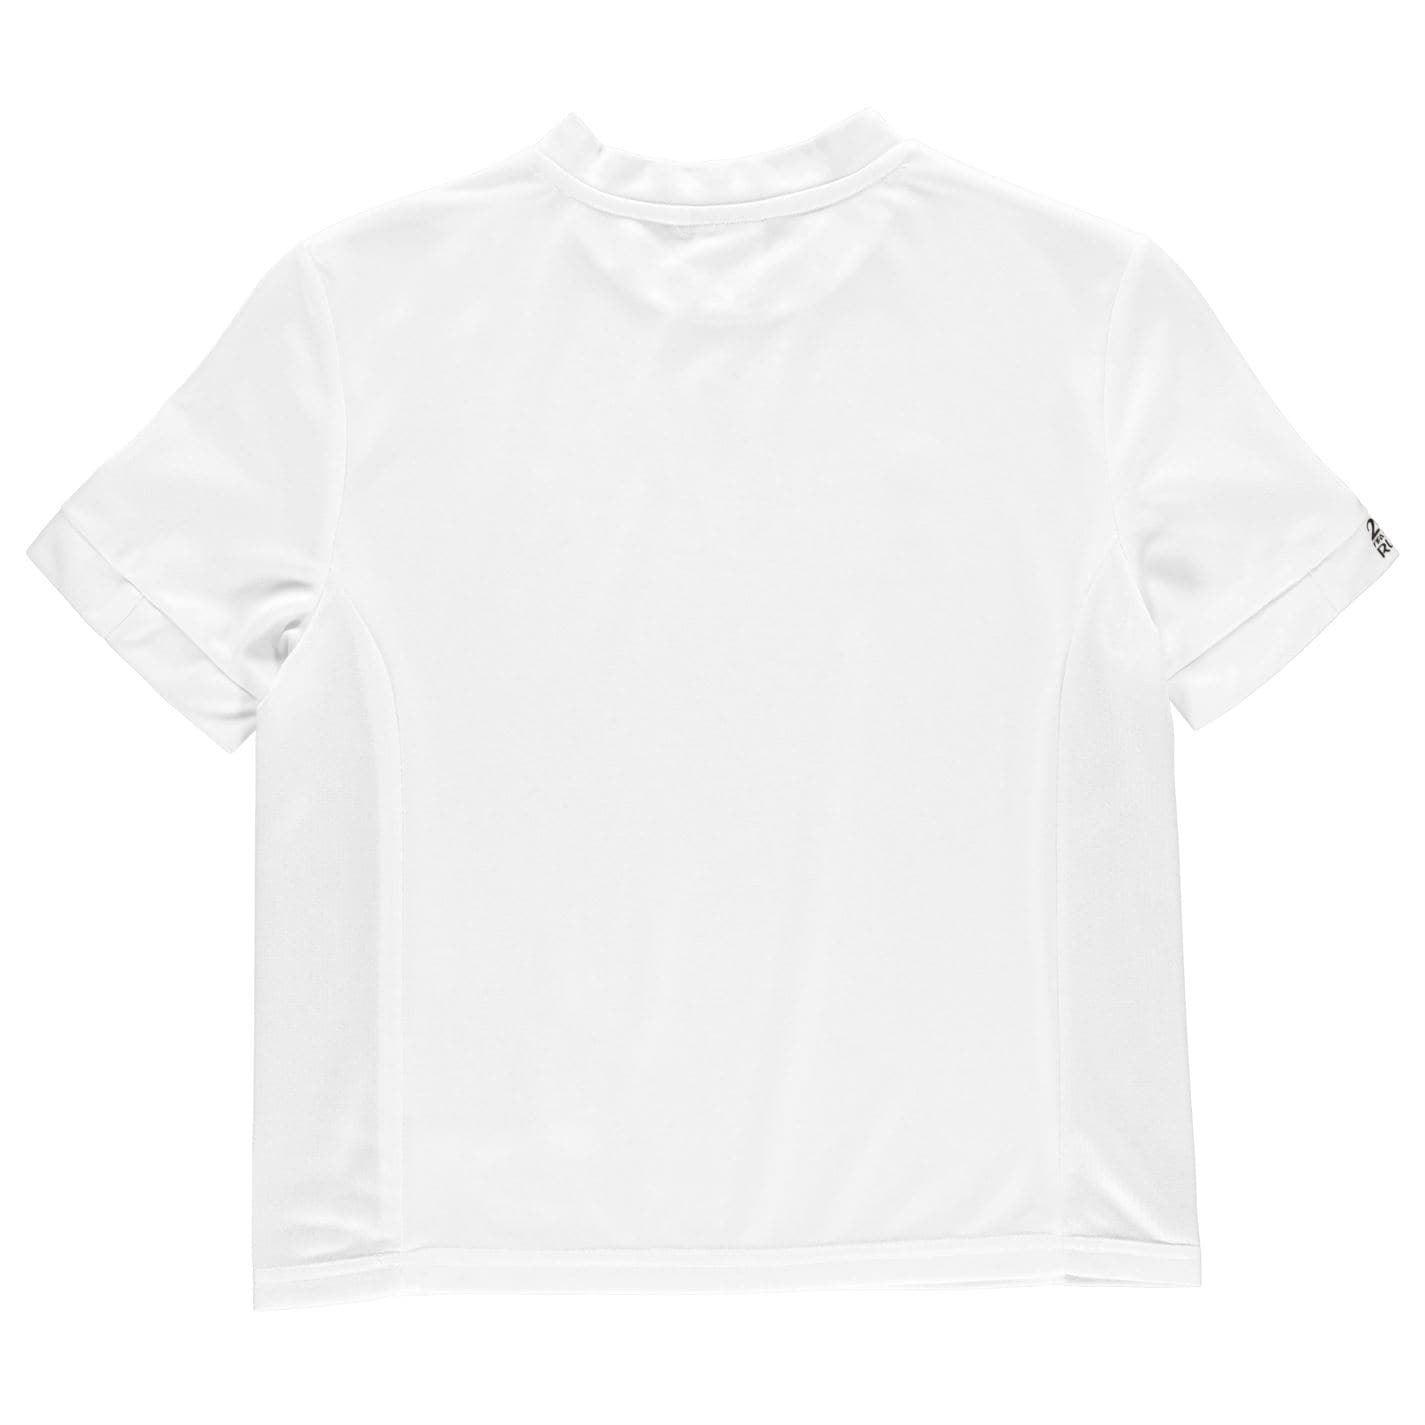 miniature 13 - FIFA Coupe du monde 2018 Angleterre T-Shirt Juniors FOOTBALL SOCCER top tee shirt